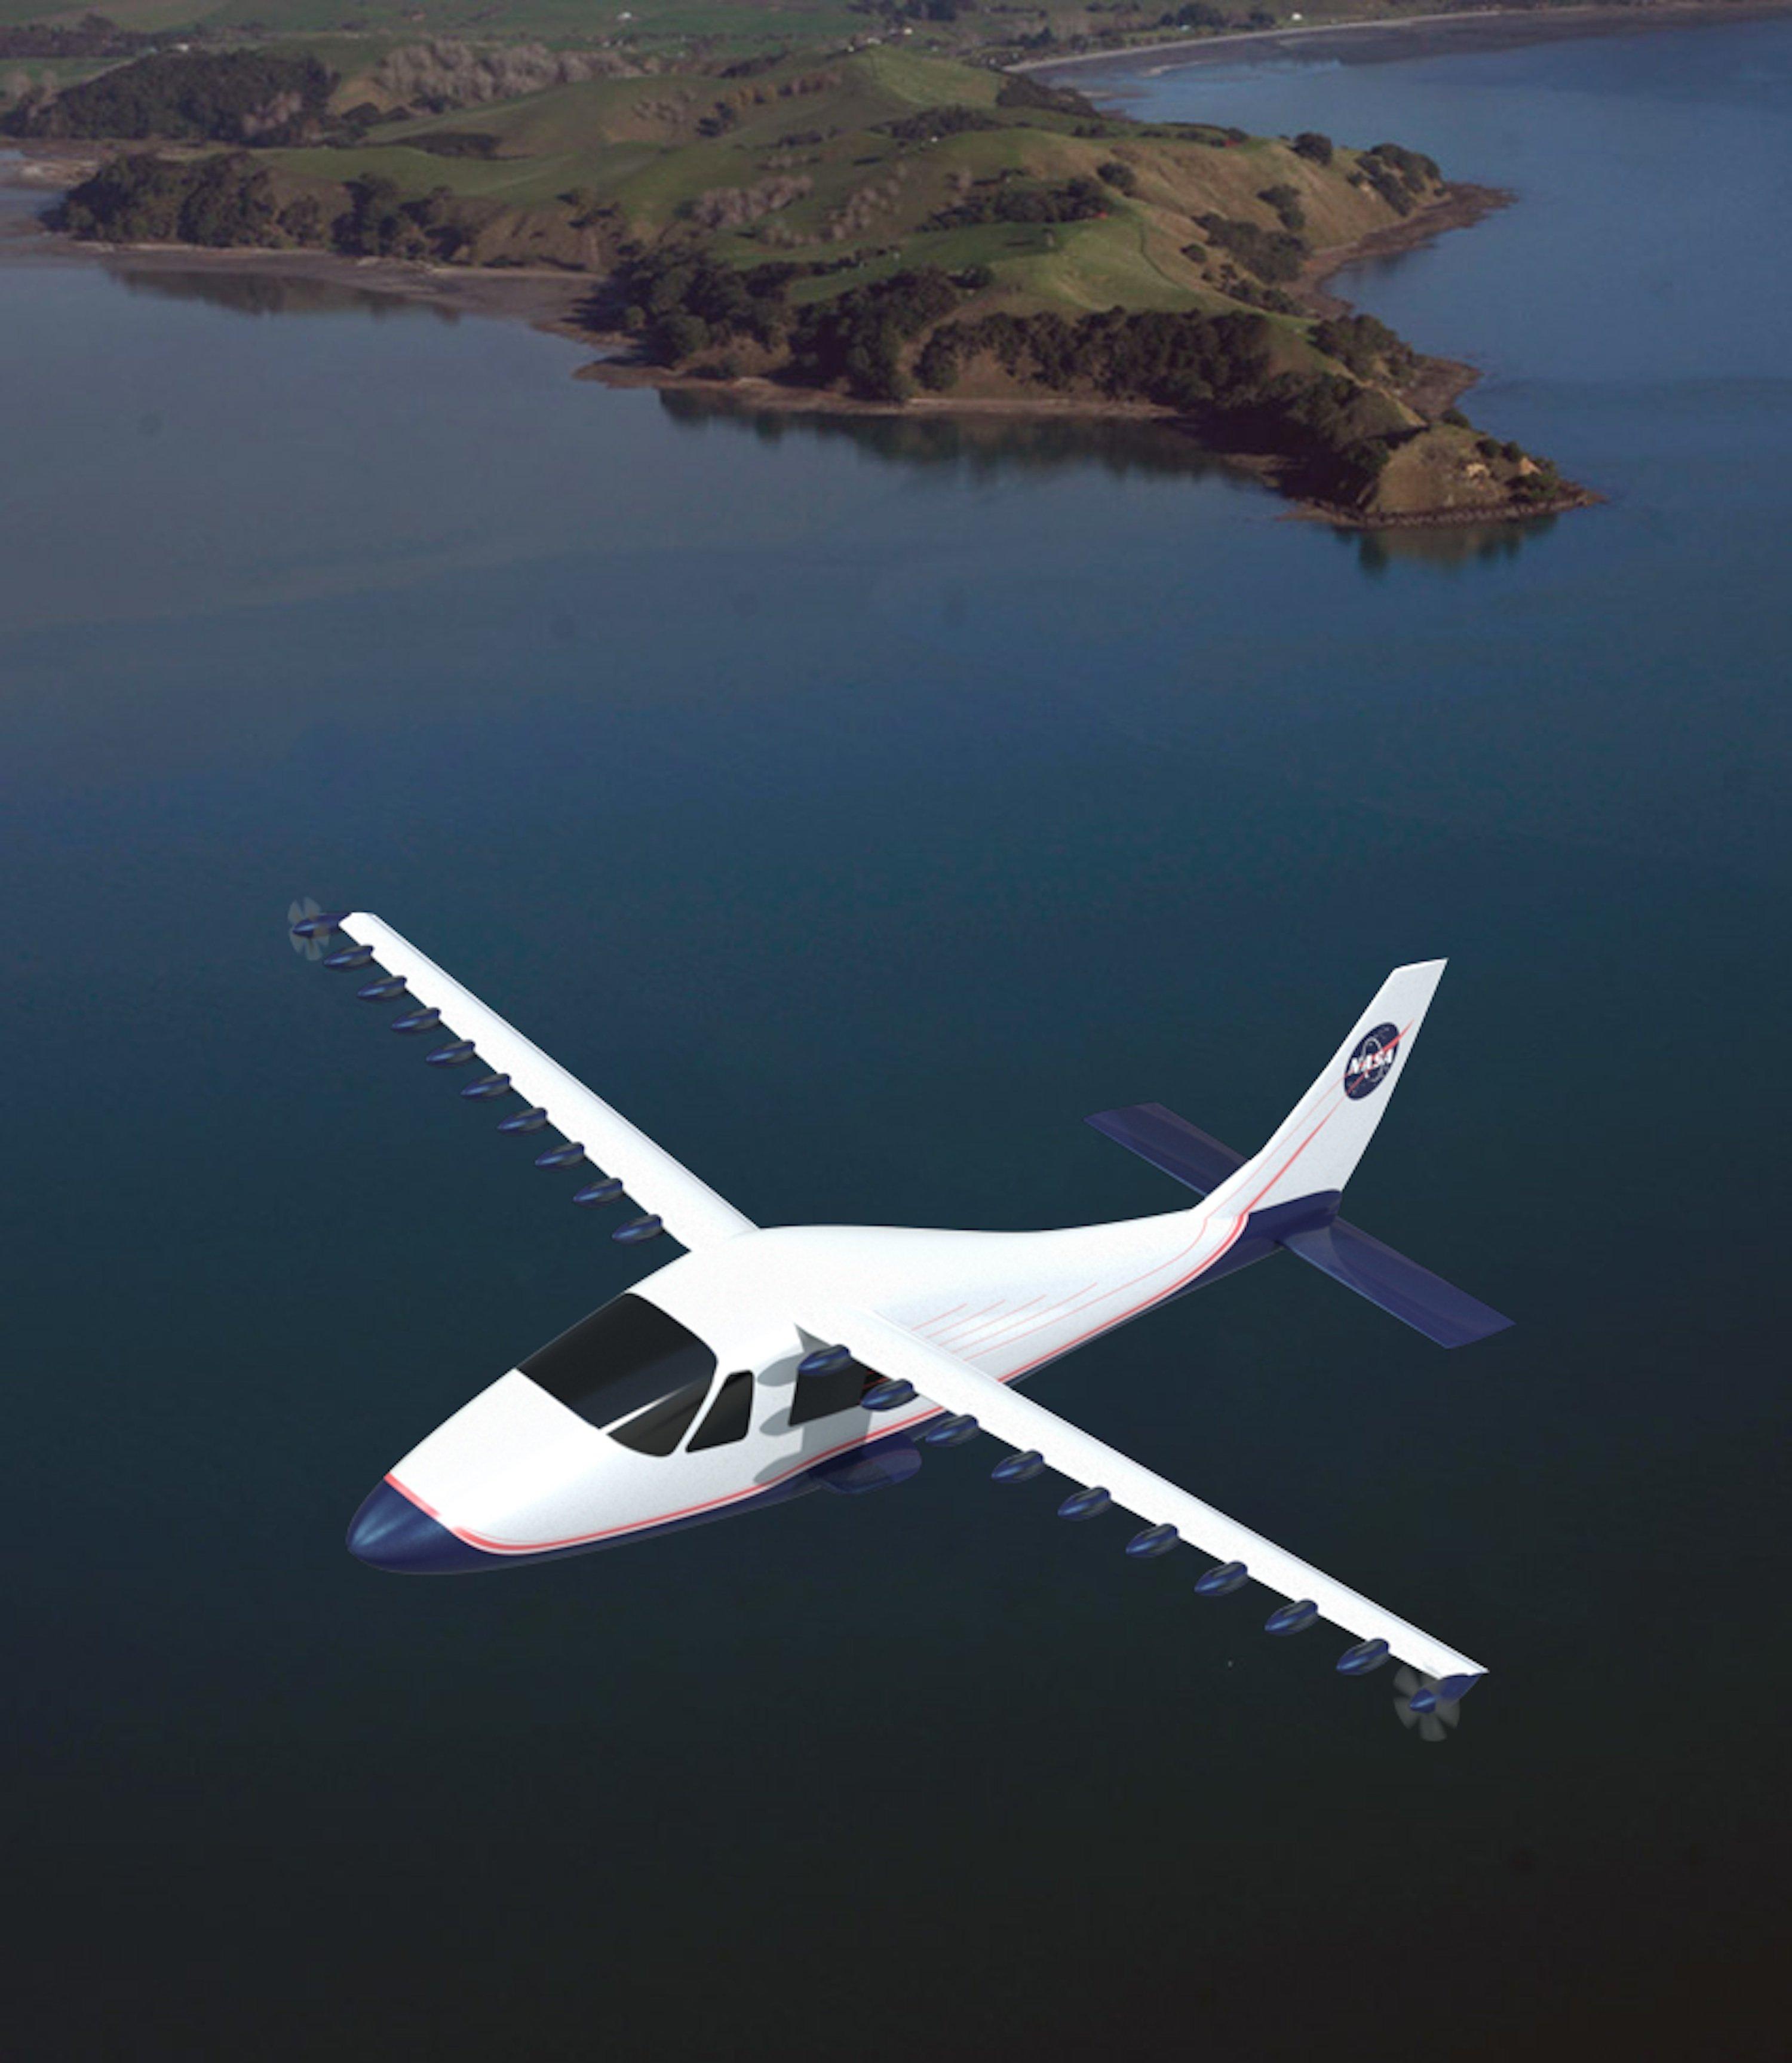 In Zukunft möchte die NASA den Spezialflügel mit Flugzeugen testen. Trotz der 18 Motoren ist er im Vergleich zu klassischen Flügeln um zwei Drittel kleiner.